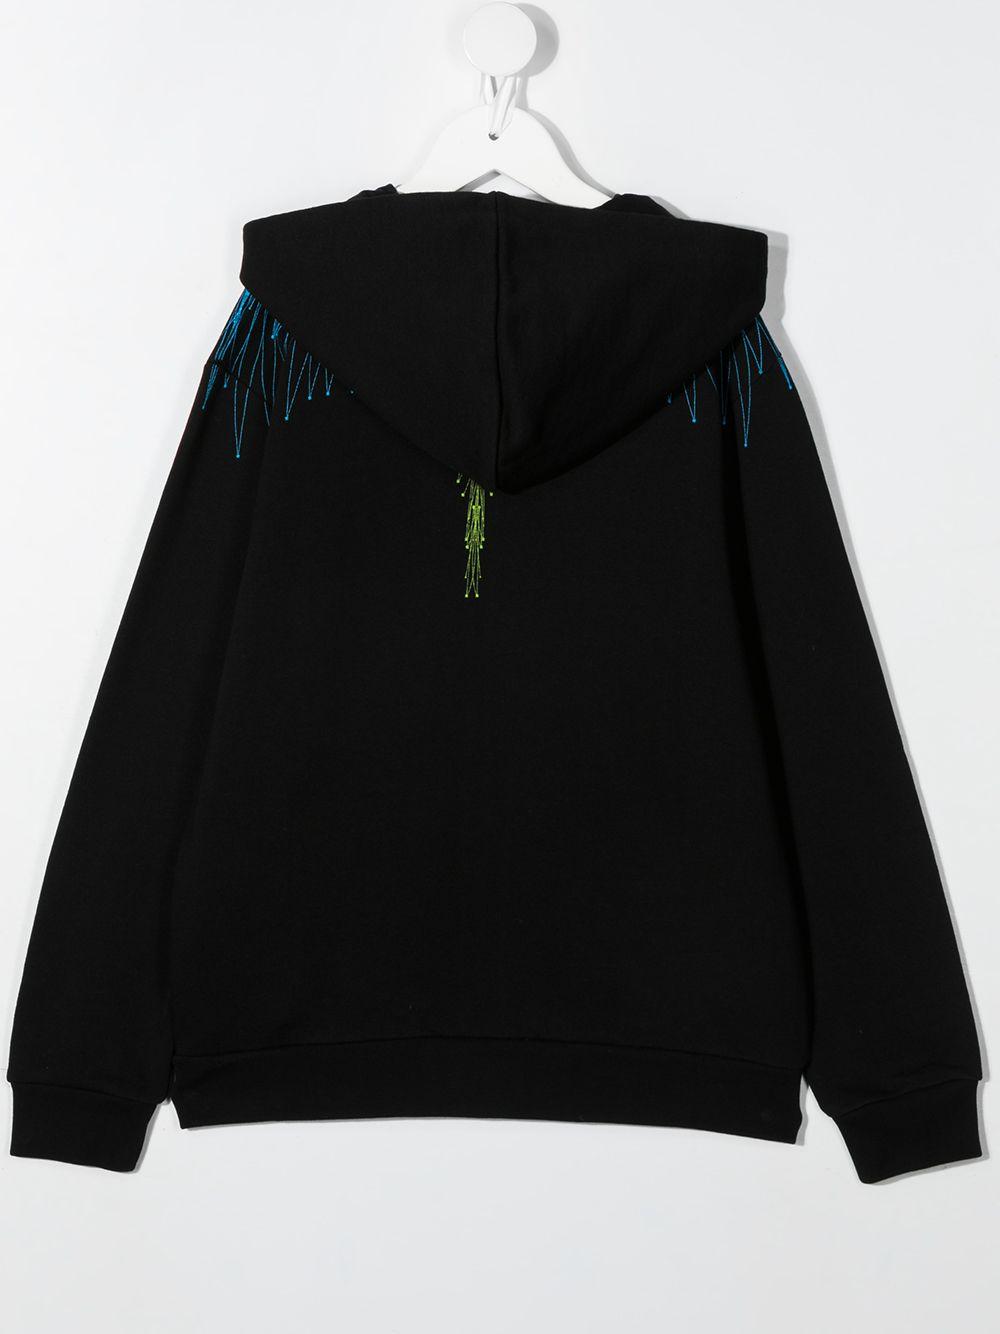 Marcelo burlon | Sweatshirt | MB22010020B010